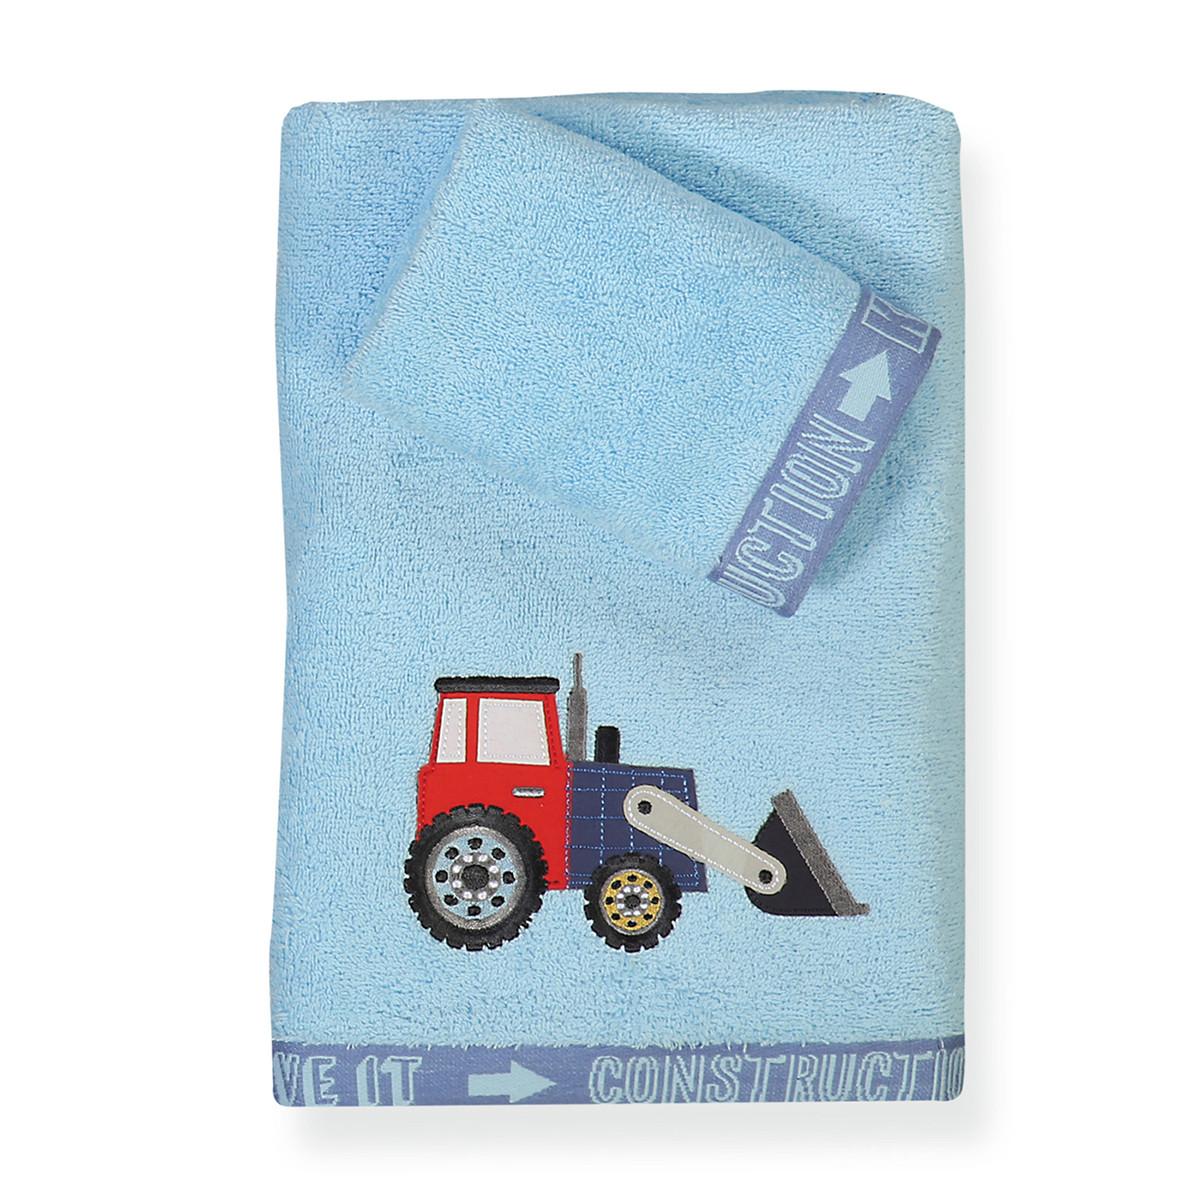 Παιδικές Πετσέτες (Σετ 2τμχ) Nef-Nef Junior Busy At Work home   παιδικά   πετσέτες παιδικές